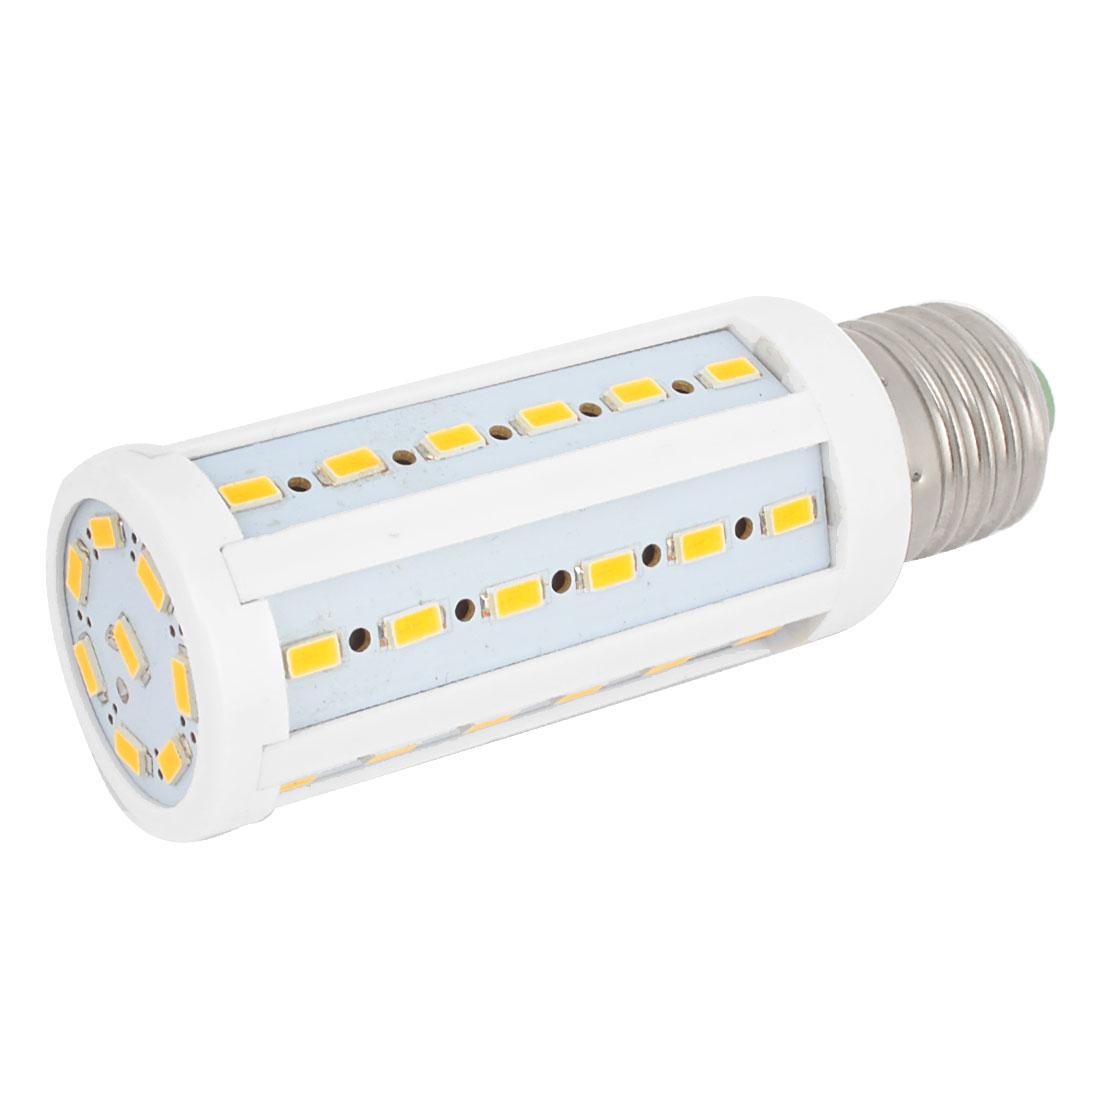 AC200-240V E27 1000Lm 44 LEDs SMD 5630 Warm White LED Corn Light Bulb